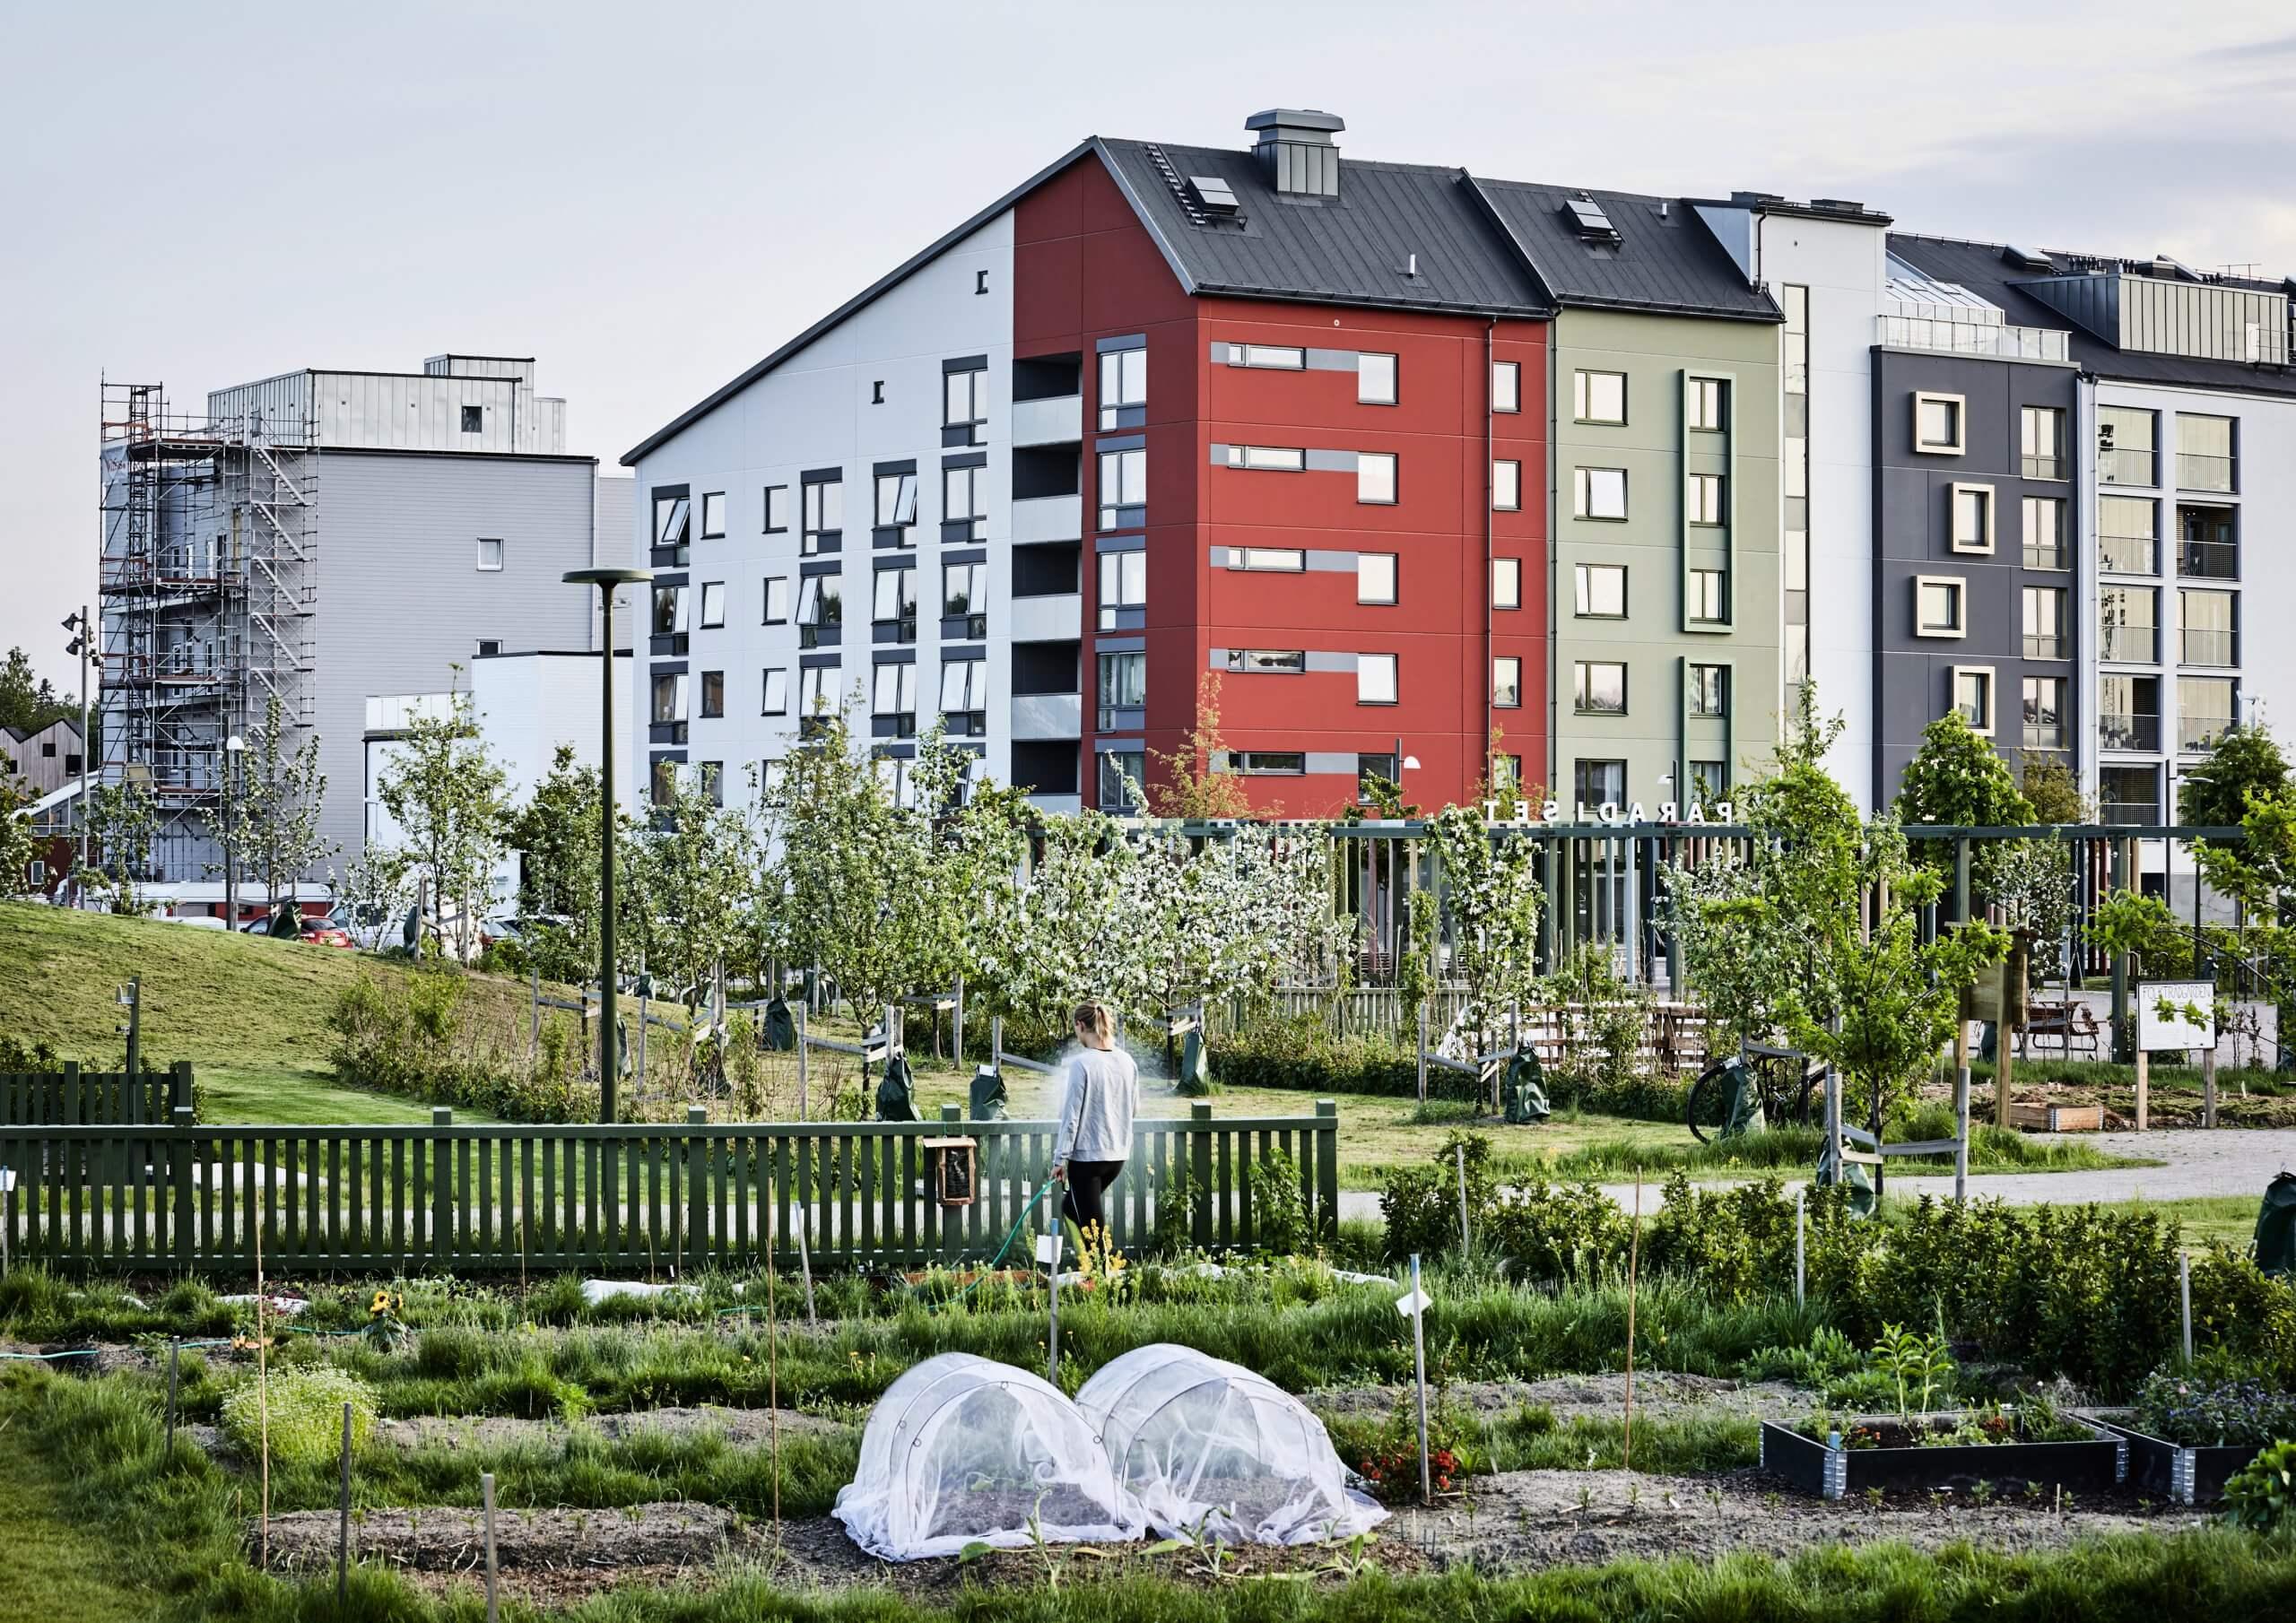 Paradiset i Vallastaden, Linköping är vinnare av Landskapsarkitekturpriset 2020. Foto: Måns Berg